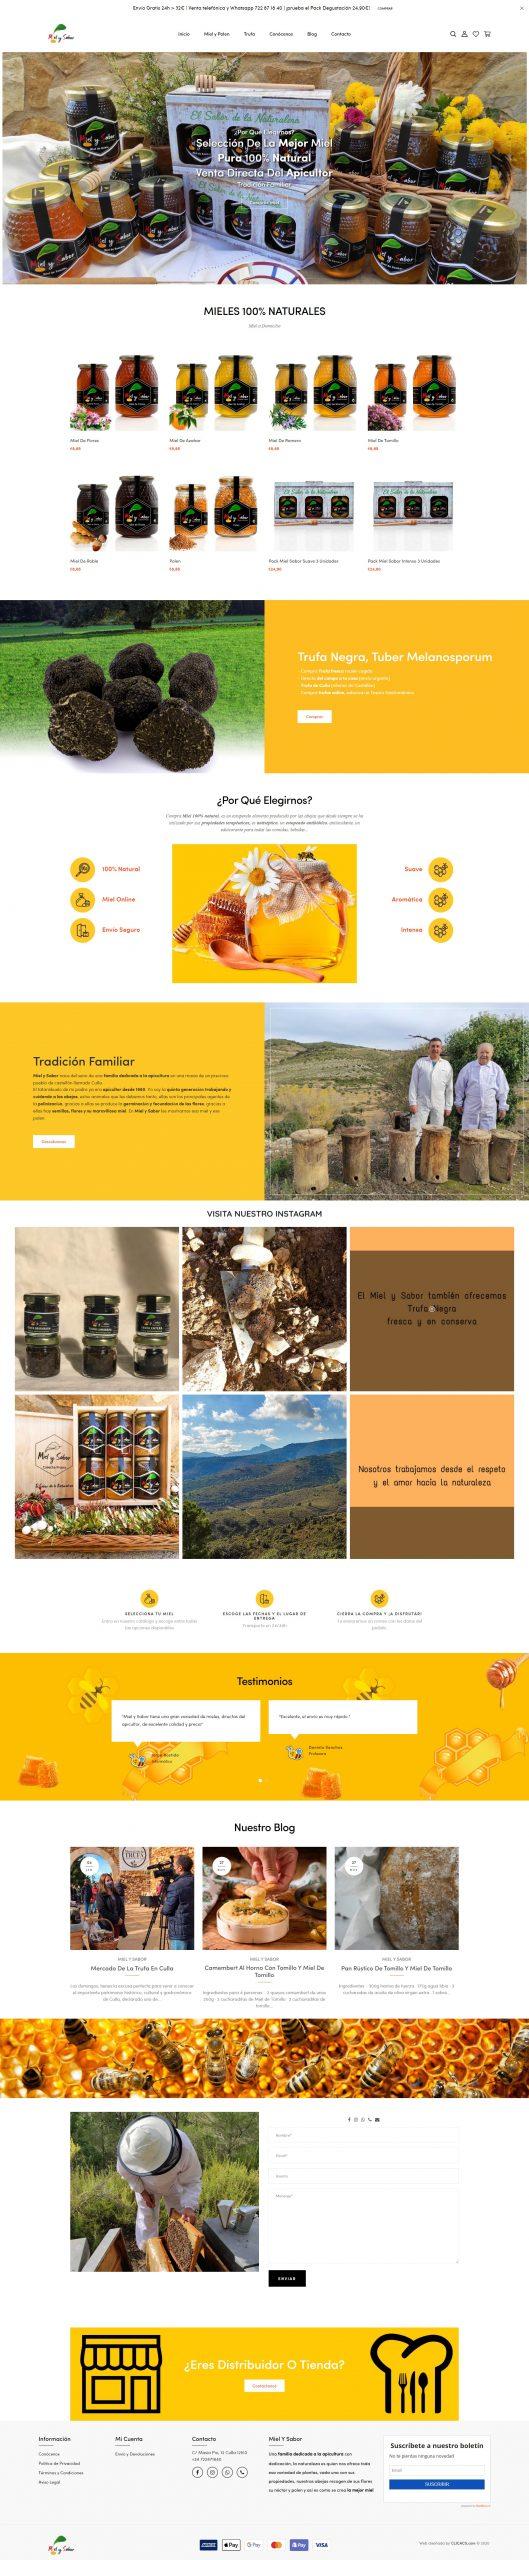 Compra Miel Artesanal Portfolio desarrollo página web en Castellón